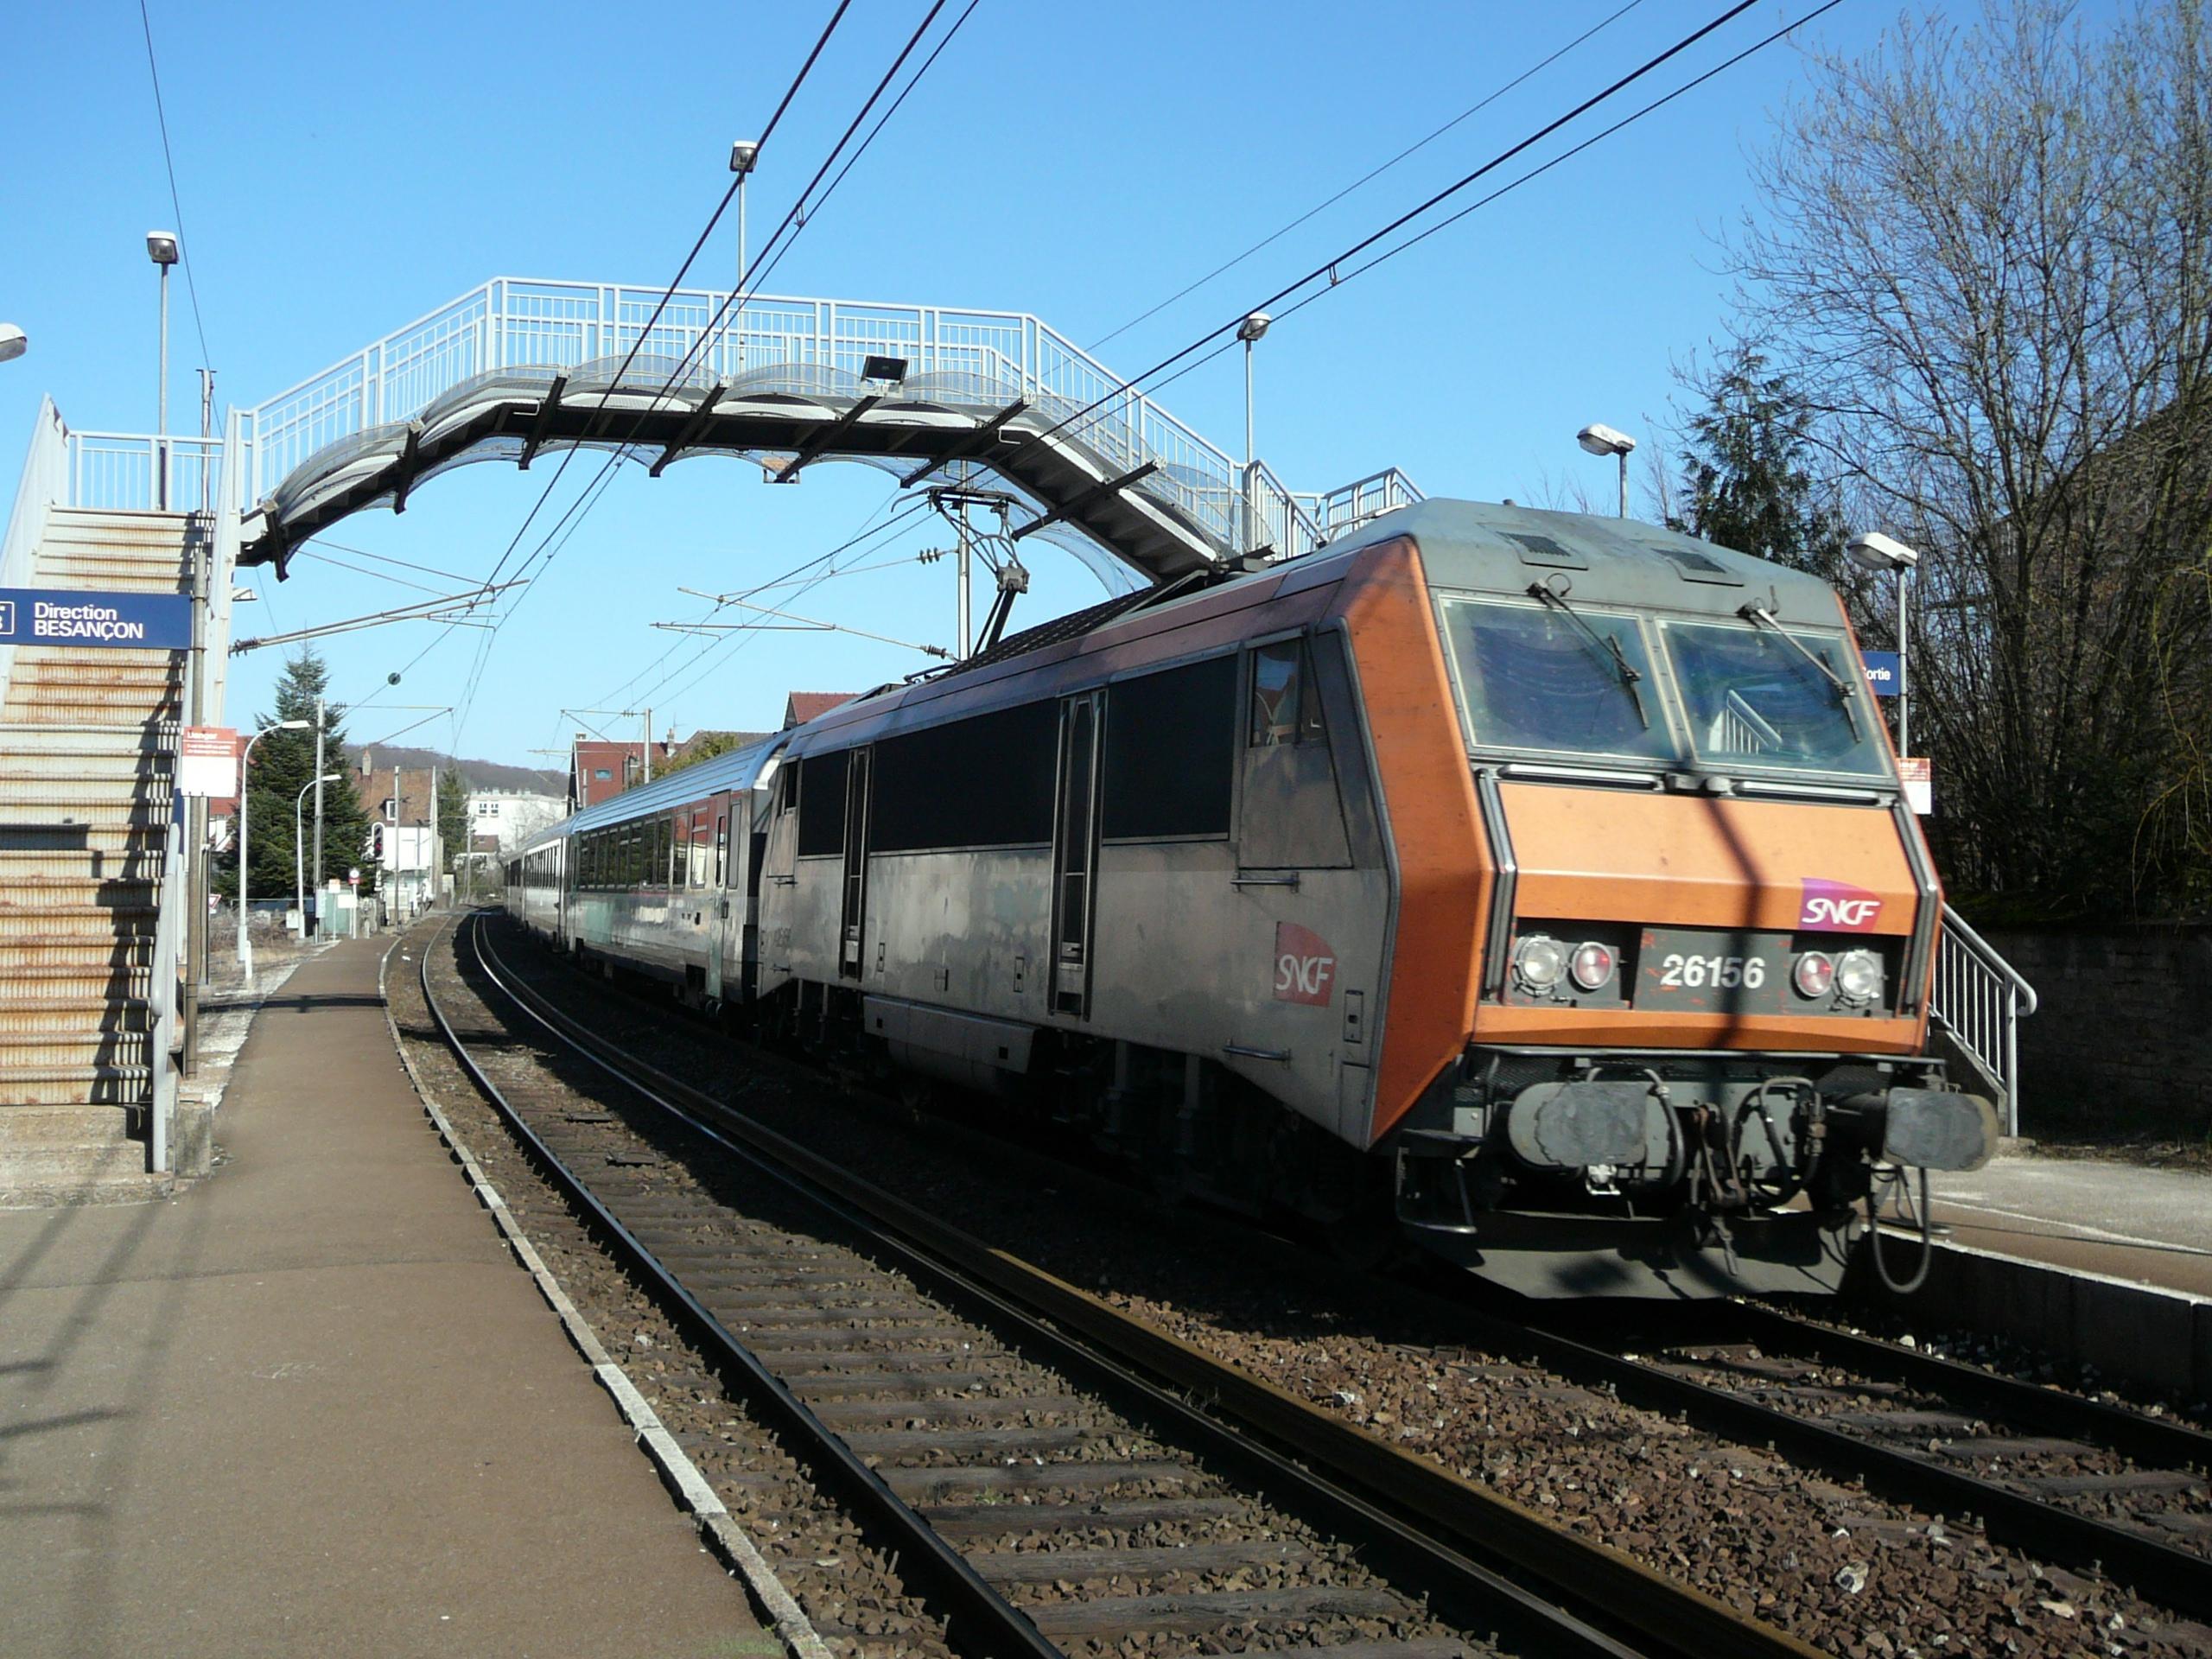 Train Gare De Lyon Paris Quelles Villes Desservi